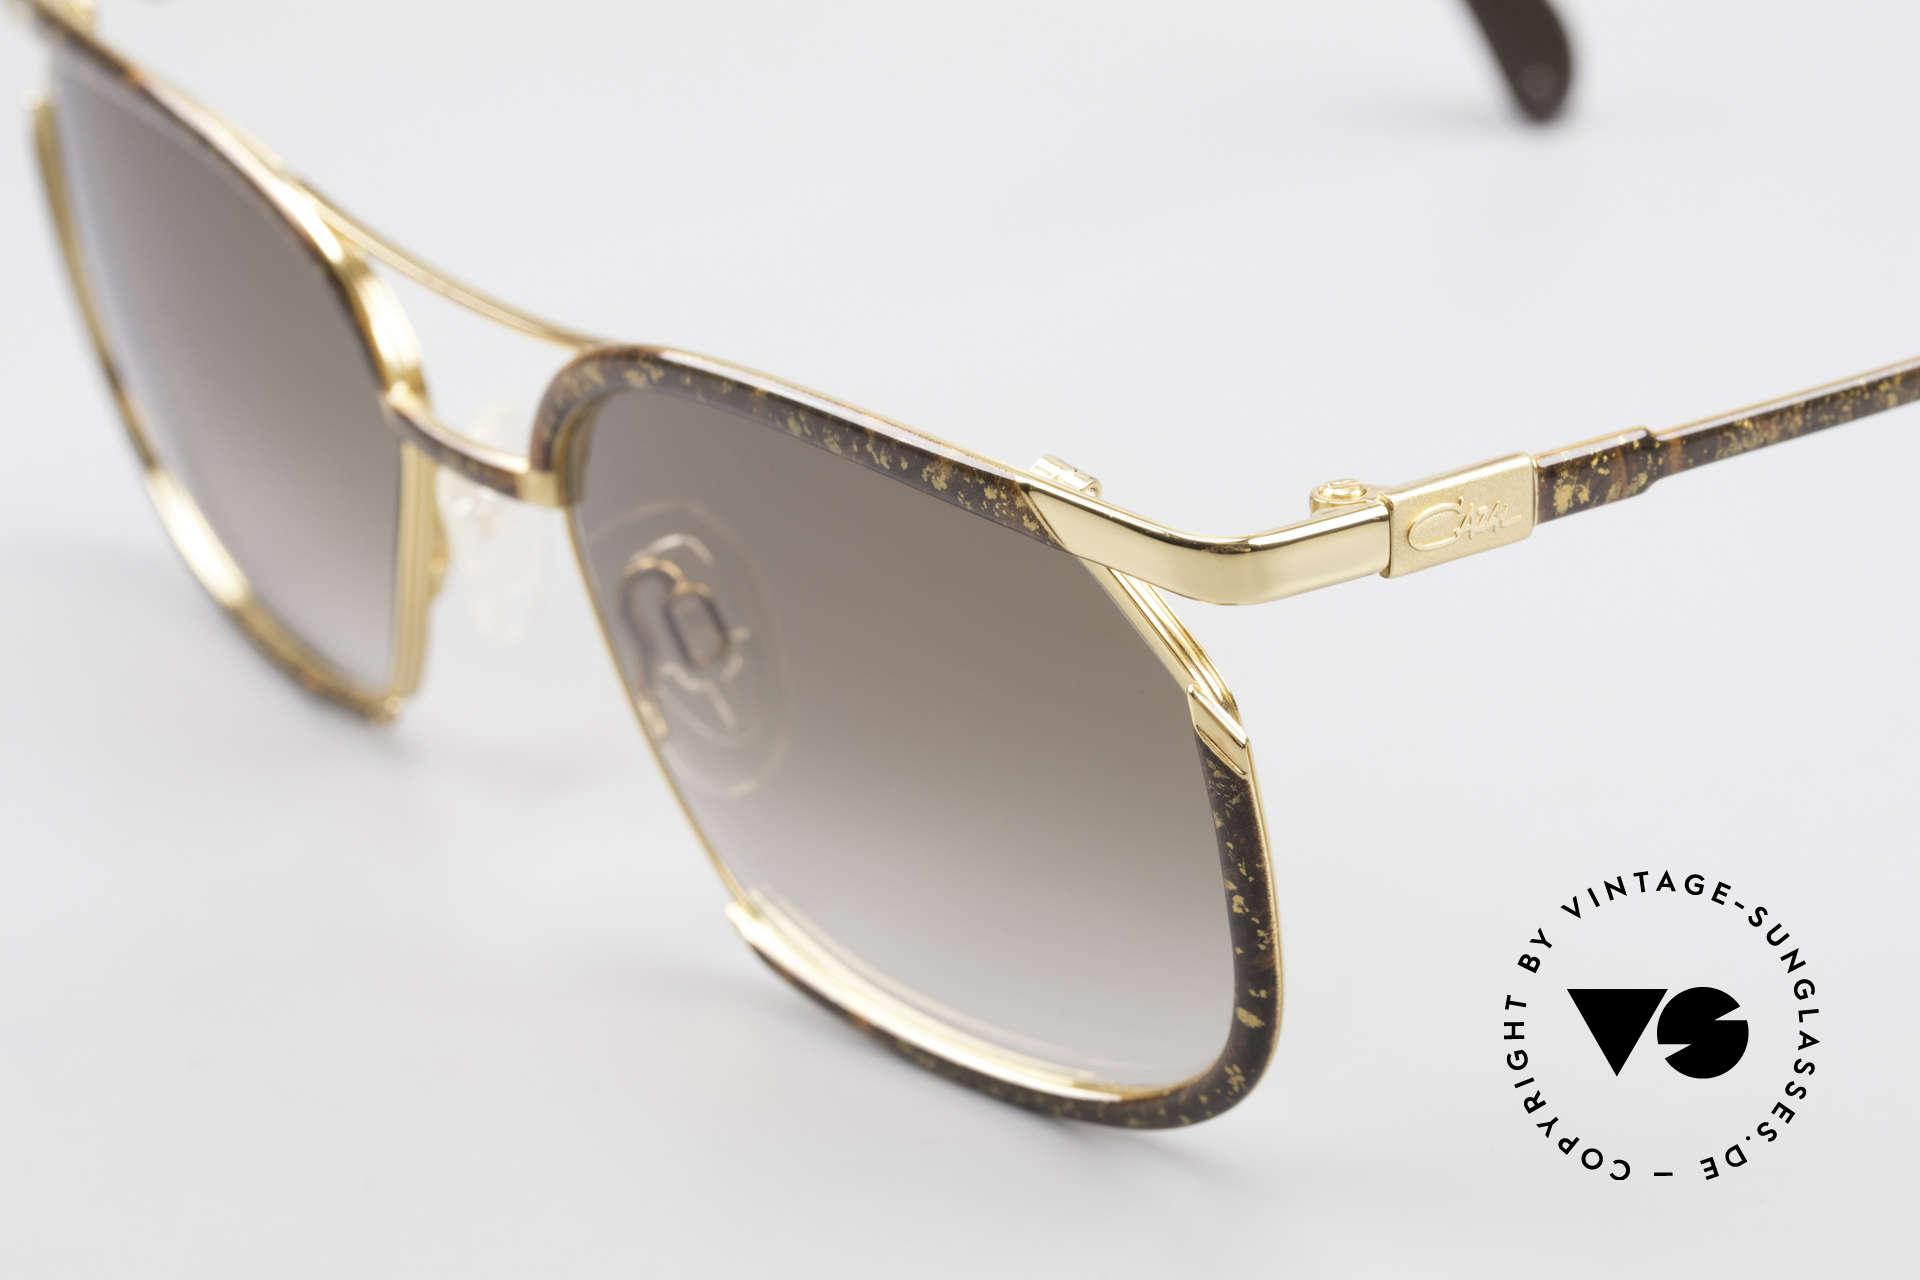 Cazal 243 Cari Zalloni Sonnenbrille 90er, ungetragen (wie alle unsere vintage Cazal Brillen), Passend für Damen